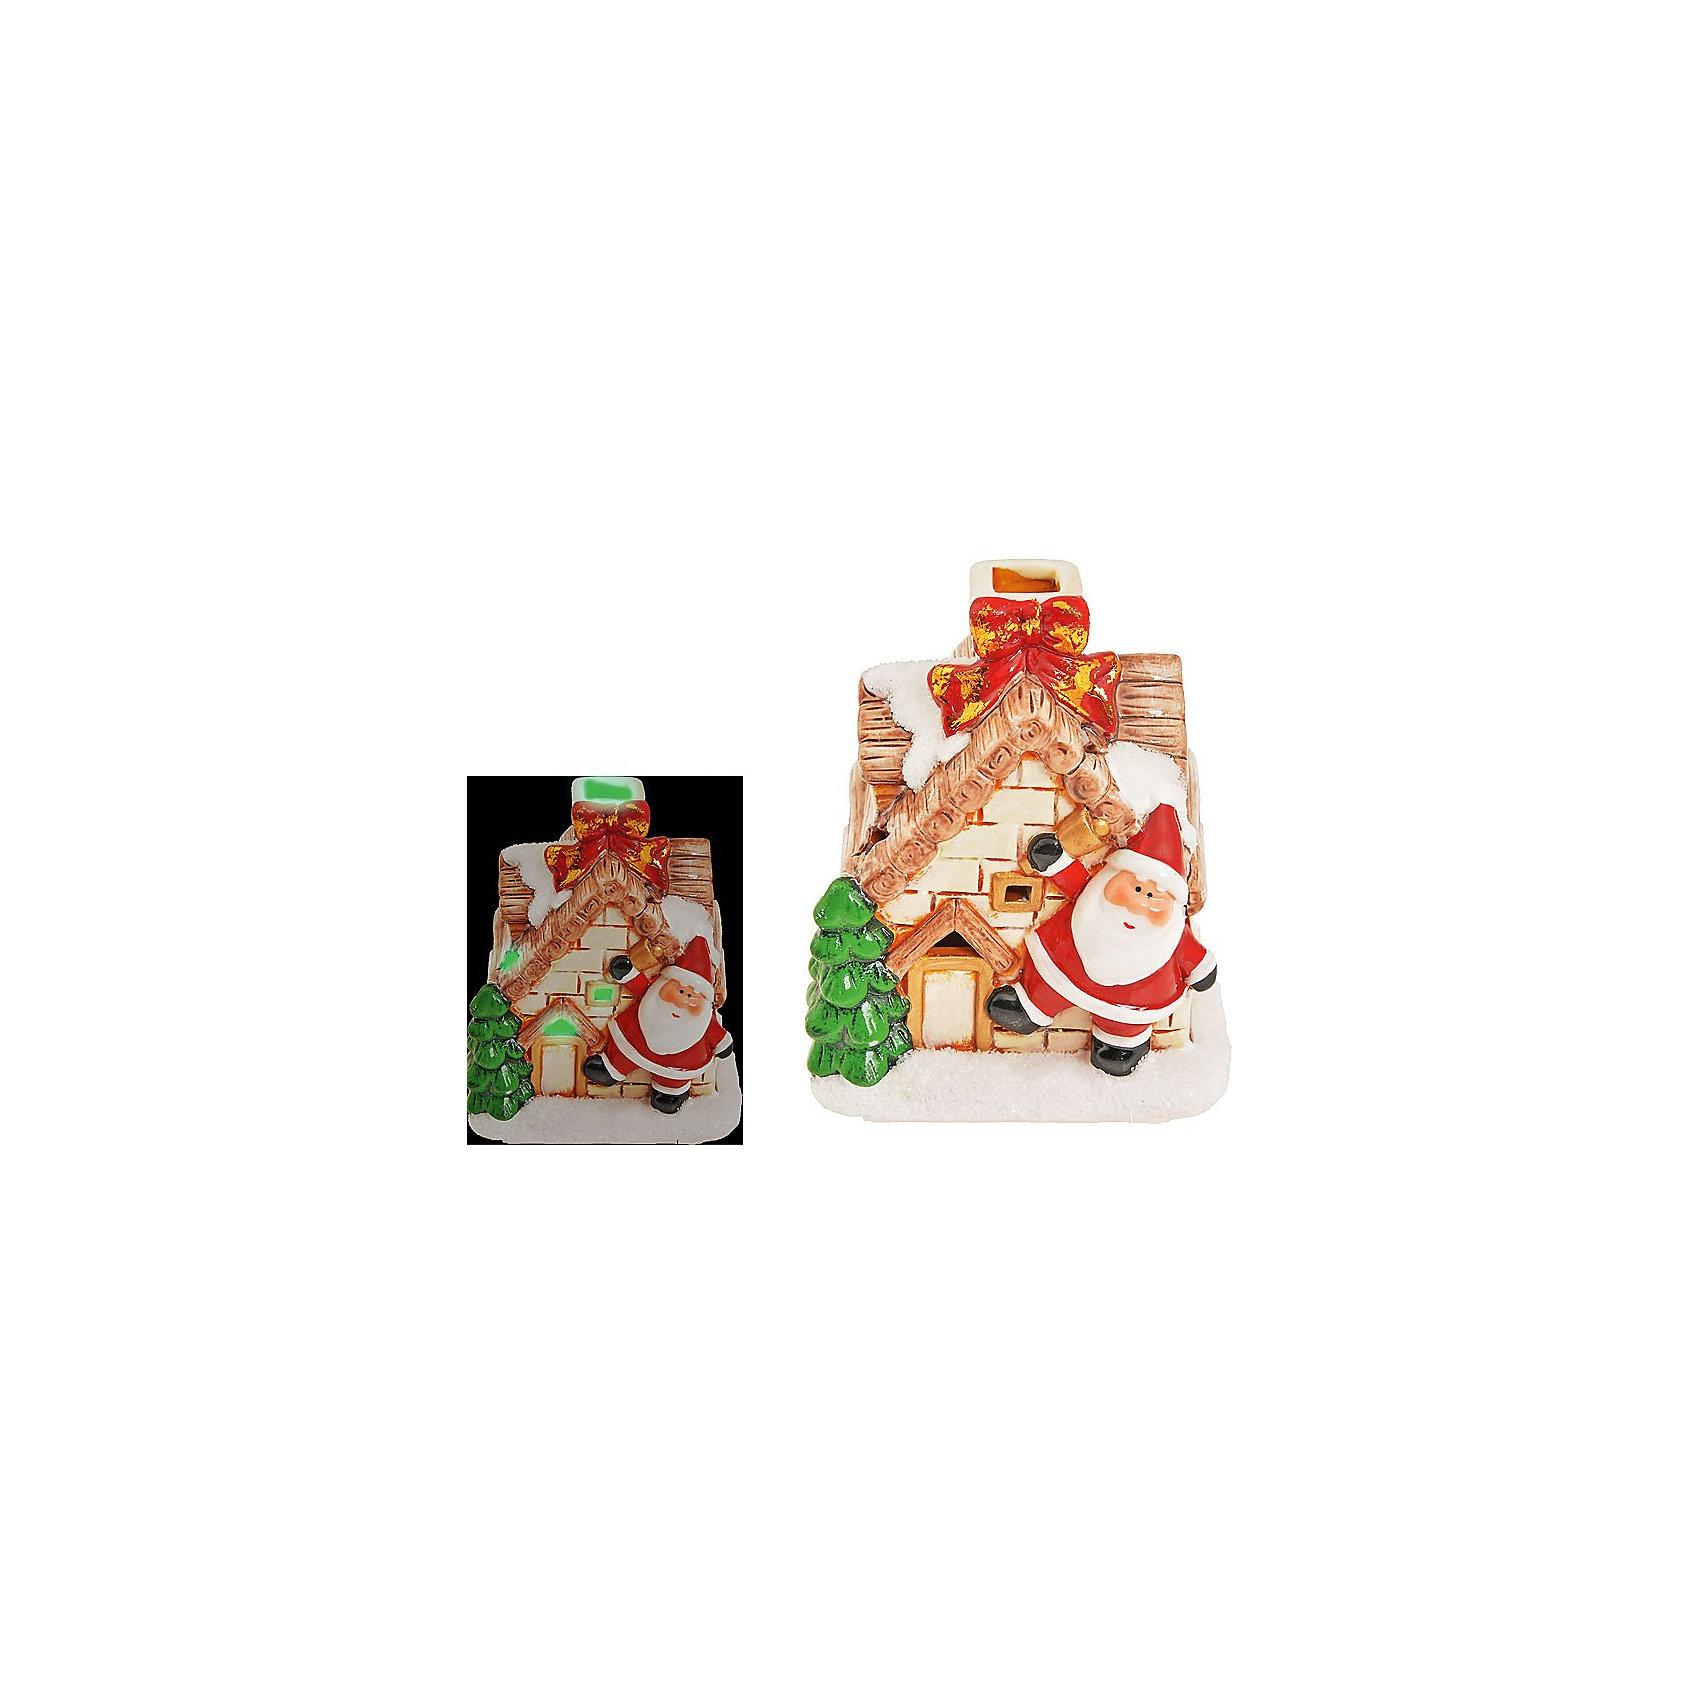 Керамический сувенир Домик с подсветкой, TUKZARКерамический сувенир Домик, Tukzar (Тукзар) станет замечательным украшением Вашего новогоднего интерьера и приятным подарком для родных и друзей. Сувенир выполнен в форме симпатичного заснеженного домика с фигуркой Деда Мороза. Сказочный домик с подсветкой порадует и взрослых и детей и поможет создать волшебную атмосферу новогодних праздников. <br><br>Дополнительная информация:<br><br>- Материал: керамика.<br>- Размер: 9 x 7 x 11 см.<br>- Вес: 240 гр. <br><br>Сувенир керамический Домик с подсветкой, Tukzar (Тукзар) можно купить в нашем интернет-магазине.<br><br>Ширина мм: 90<br>Глубина мм: 70<br>Высота мм: 110<br>Вес г: 240<br>Возраст от месяцев: 36<br>Возраст до месяцев: 168<br>Пол: Унисекс<br>Возраст: Детский<br>SKU: 3875834